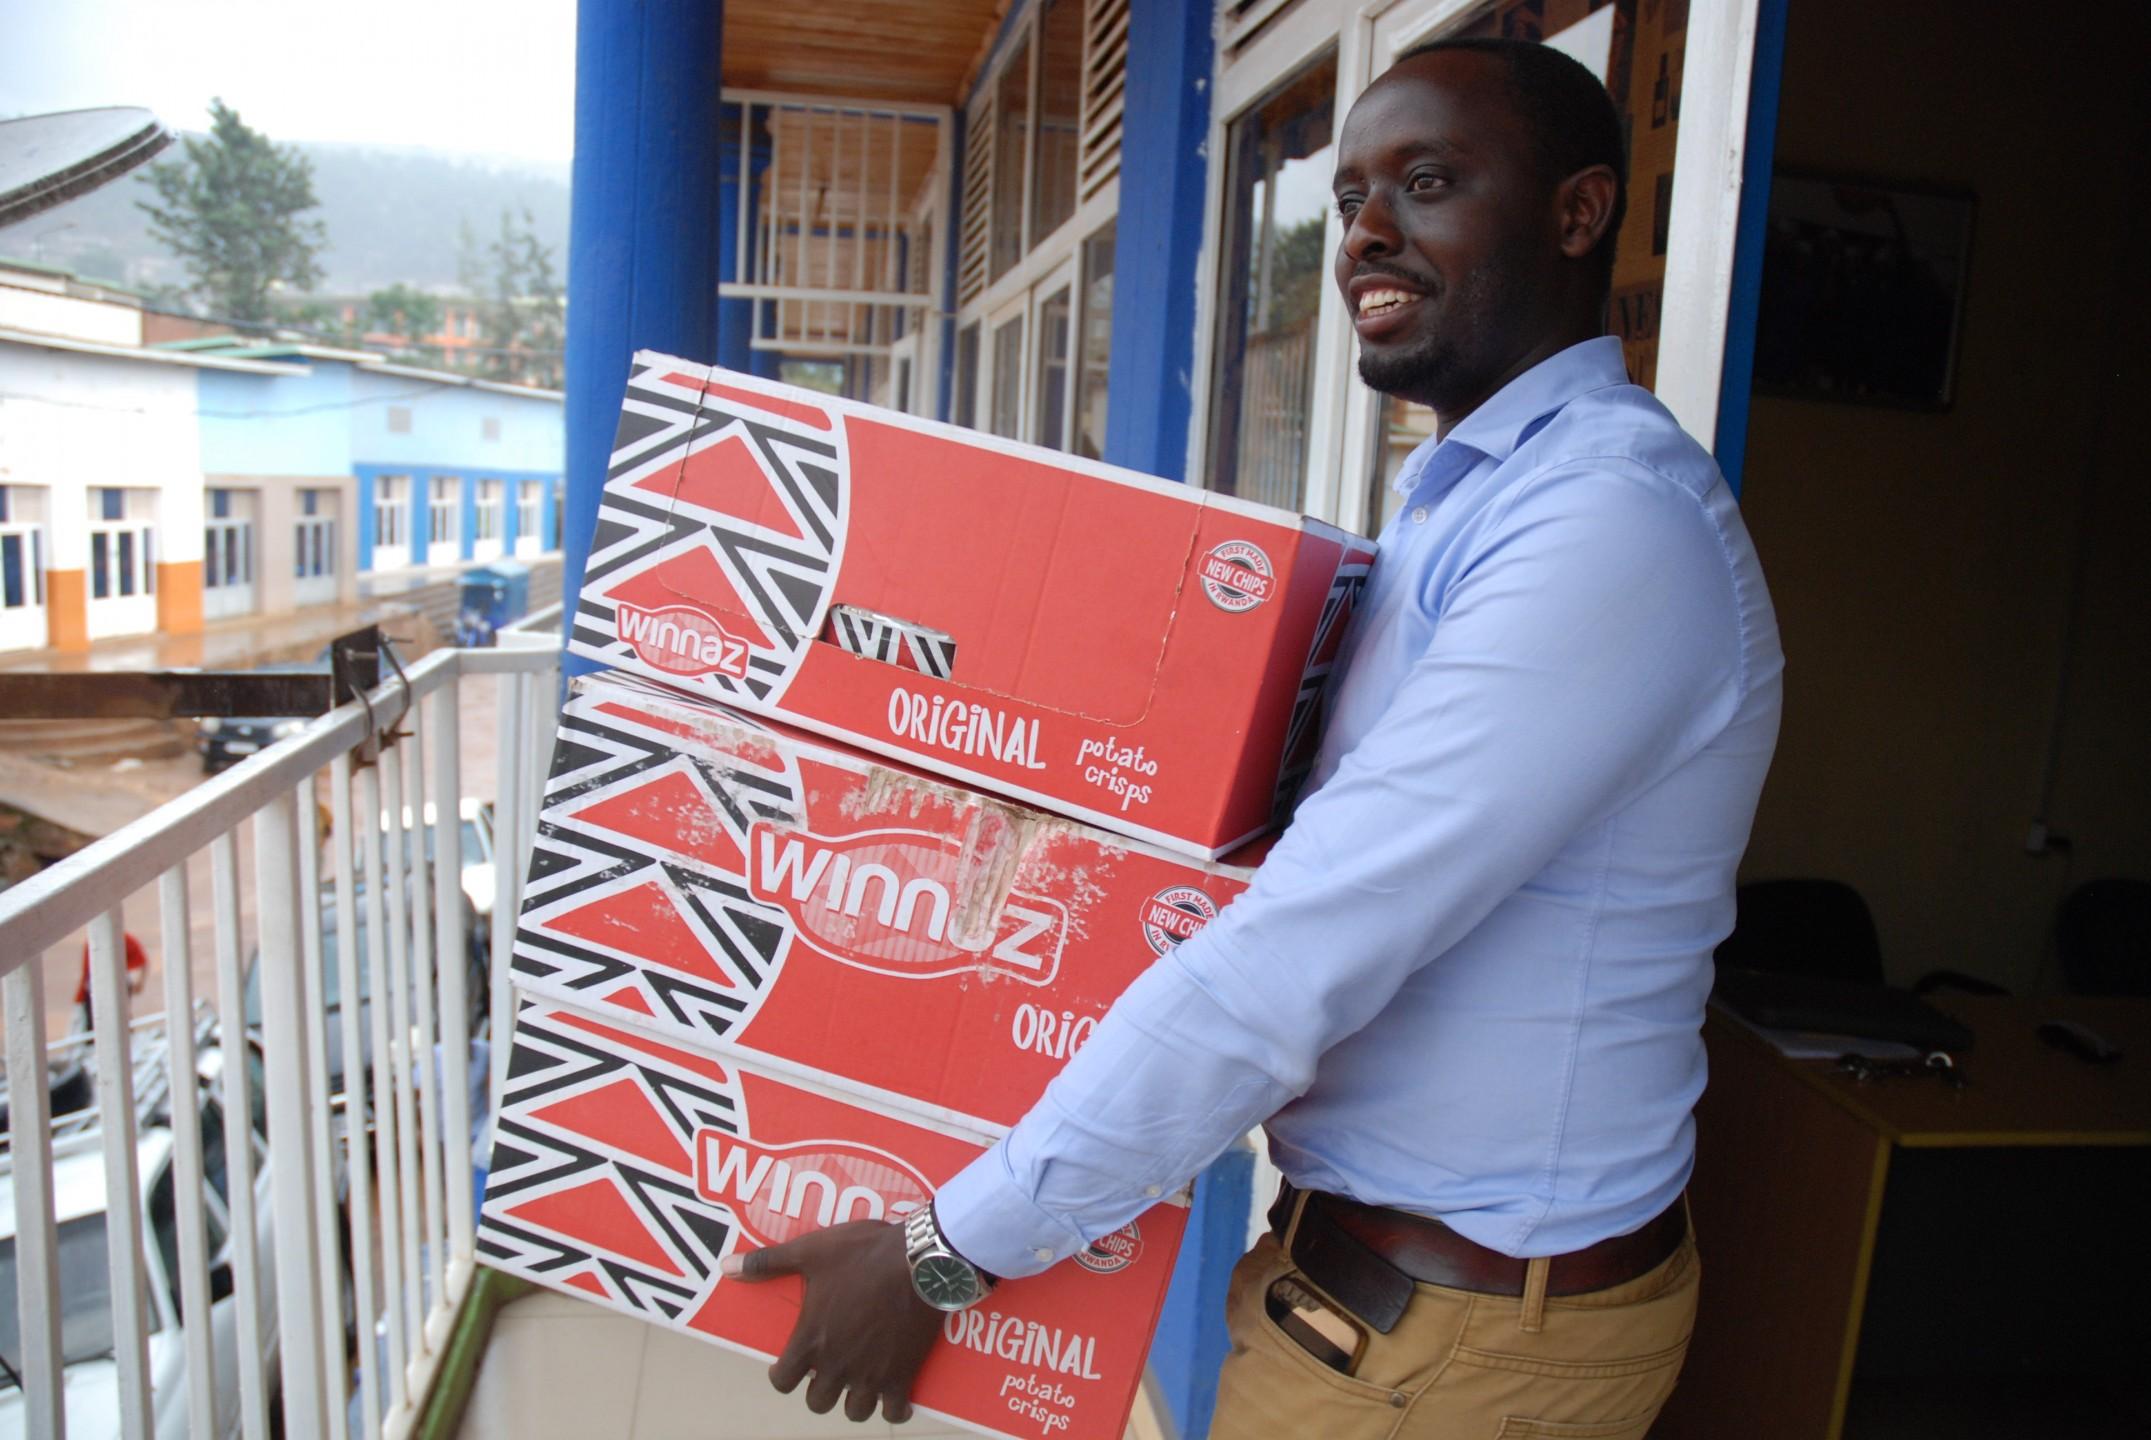 De eerste chipsmakers van Rwanda